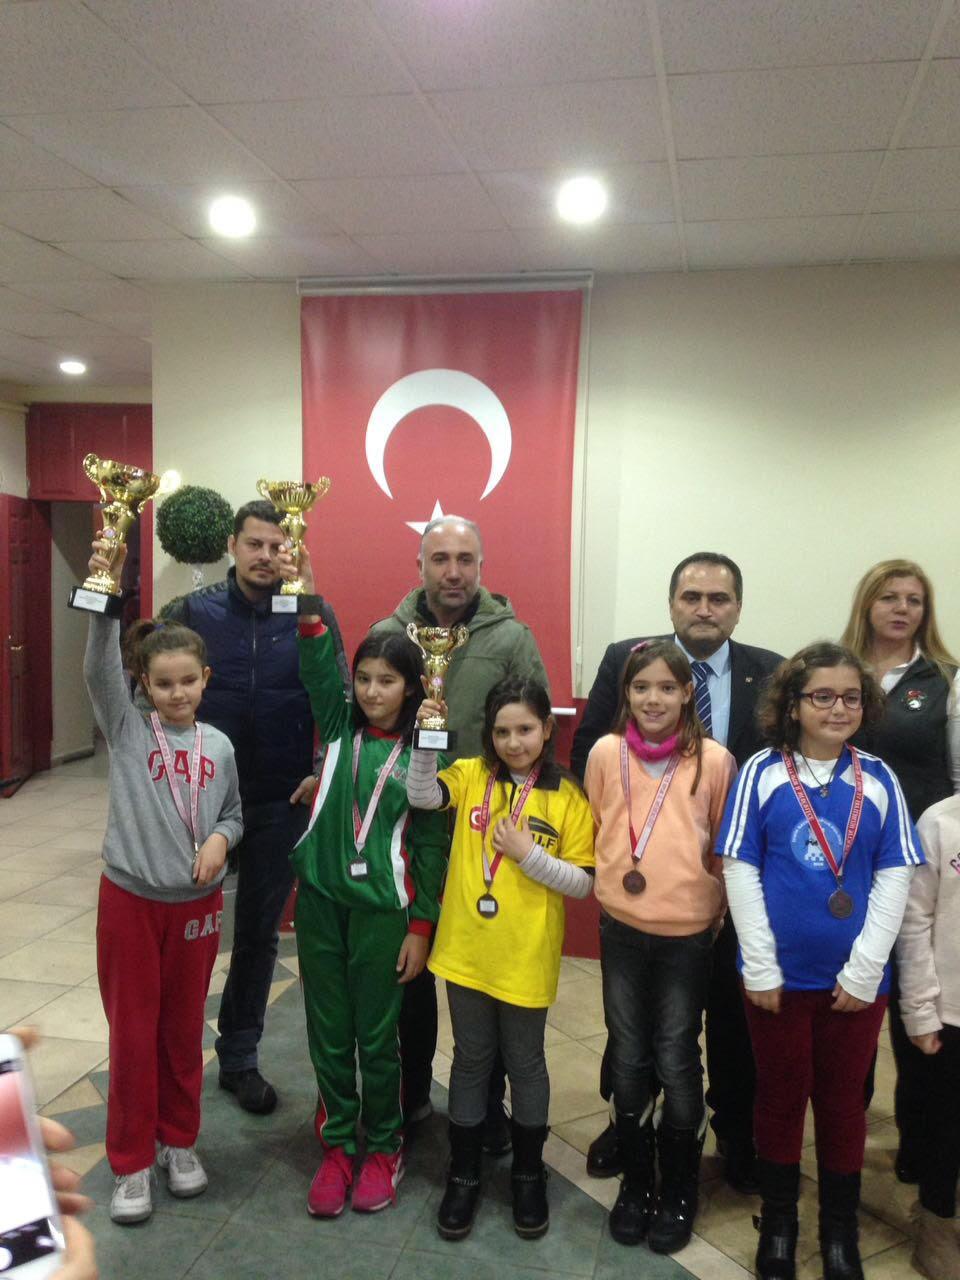 Irmak Özvardar 10 Yaş Kızlarda İzmir Dördüncüsü Oldu